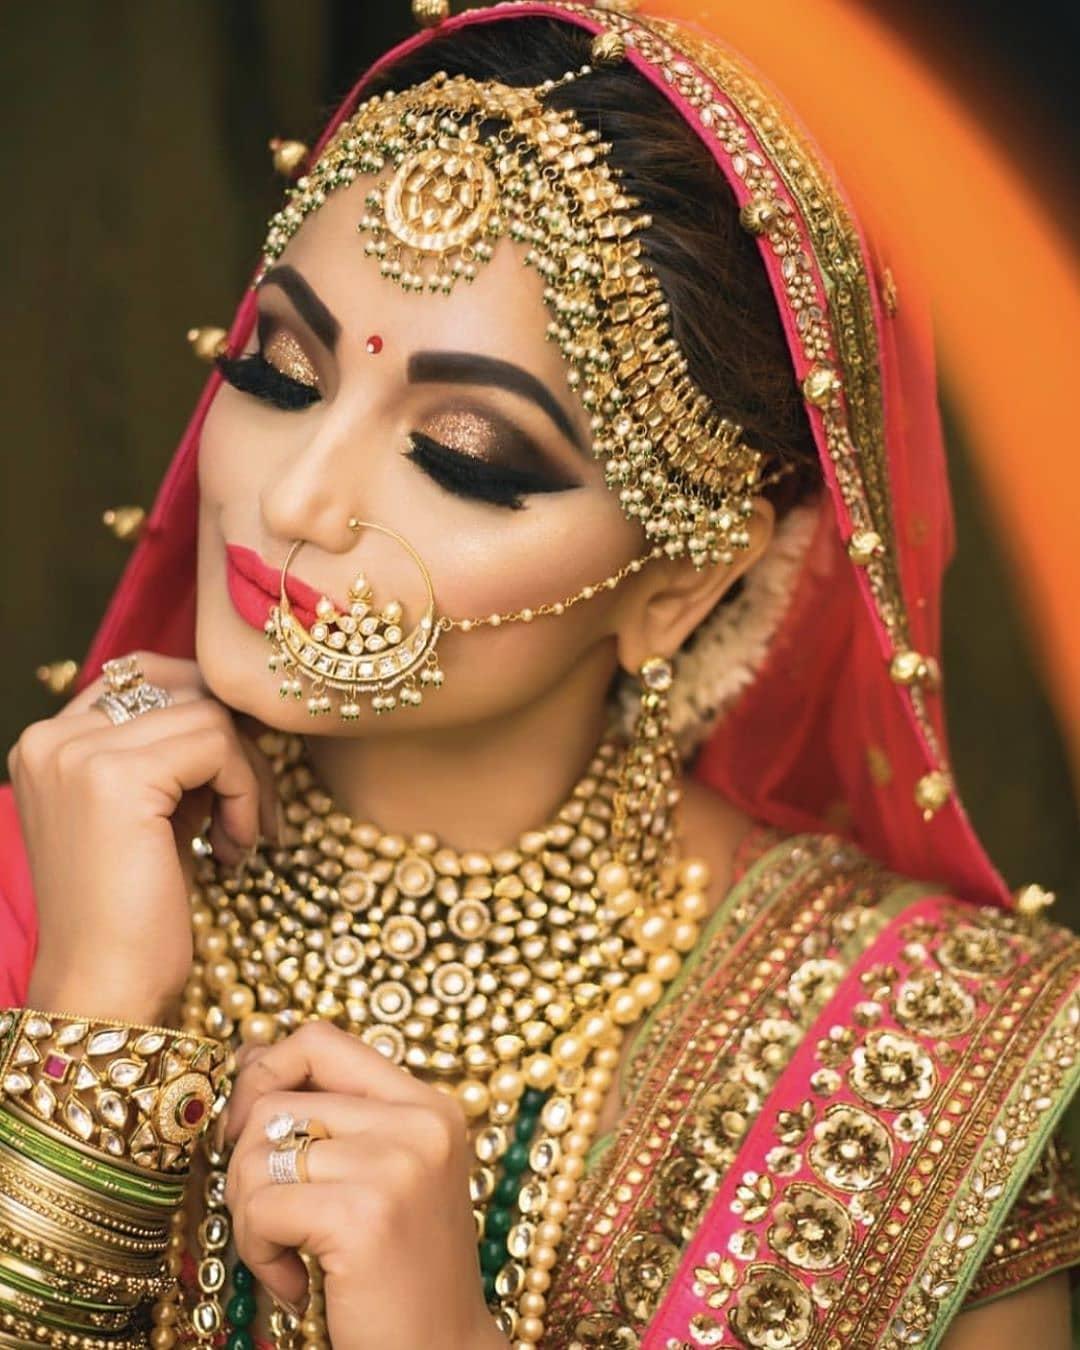 Indian Wedding Makeup: Indian Bridal Makeup Look 10